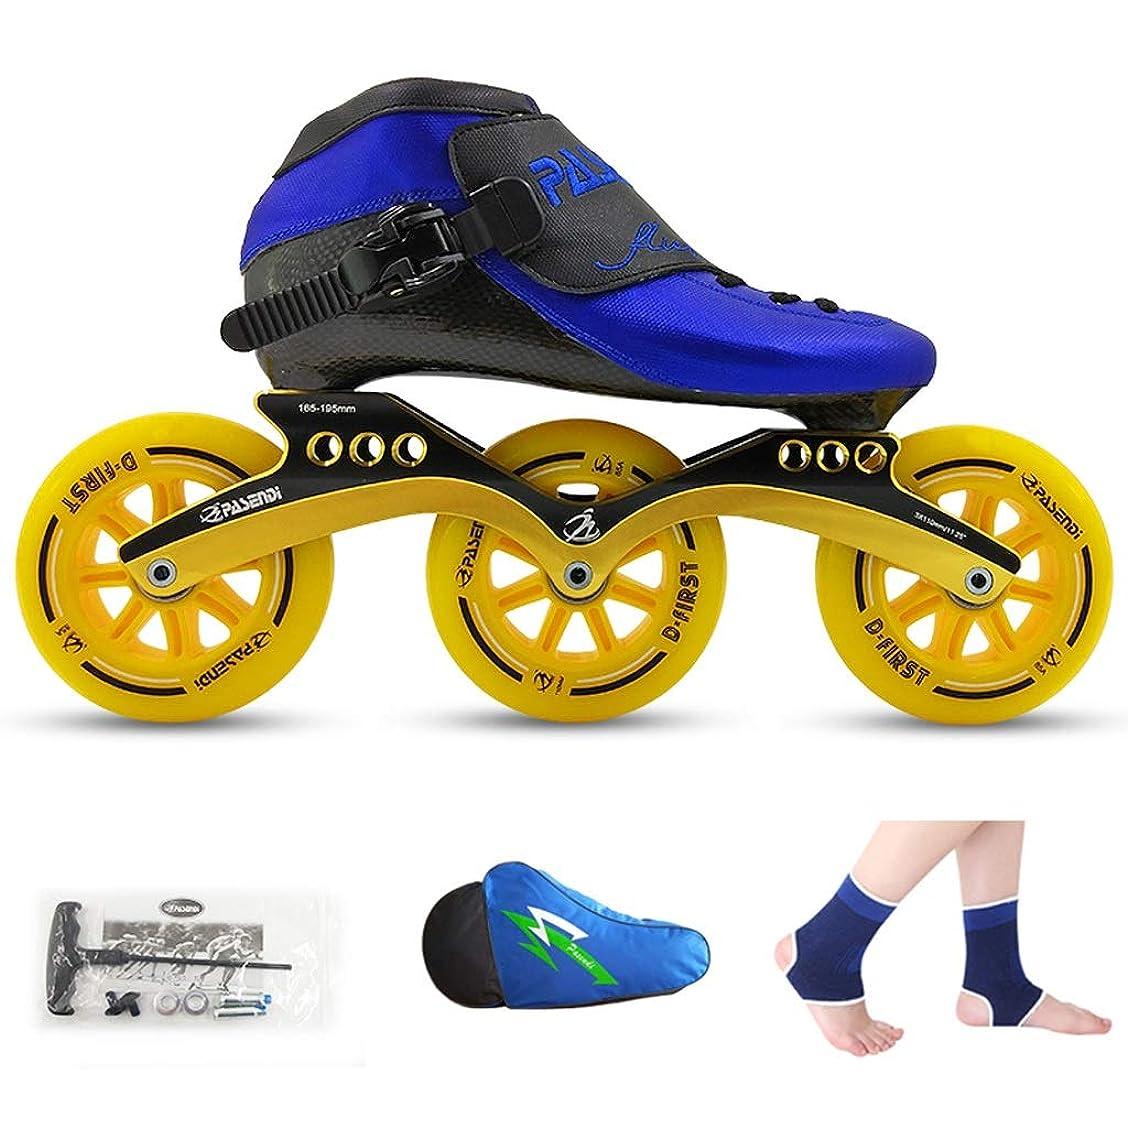 分数梨たっぷりインラインスケート ローラースケート、 スピードスケート靴、 レーシングシューズ、 子供の大人のプロスケート、 男性と女性のインラインスケート キッズ ローラースケート (Color : Blue shoes+yellow wheels, Size : 42)